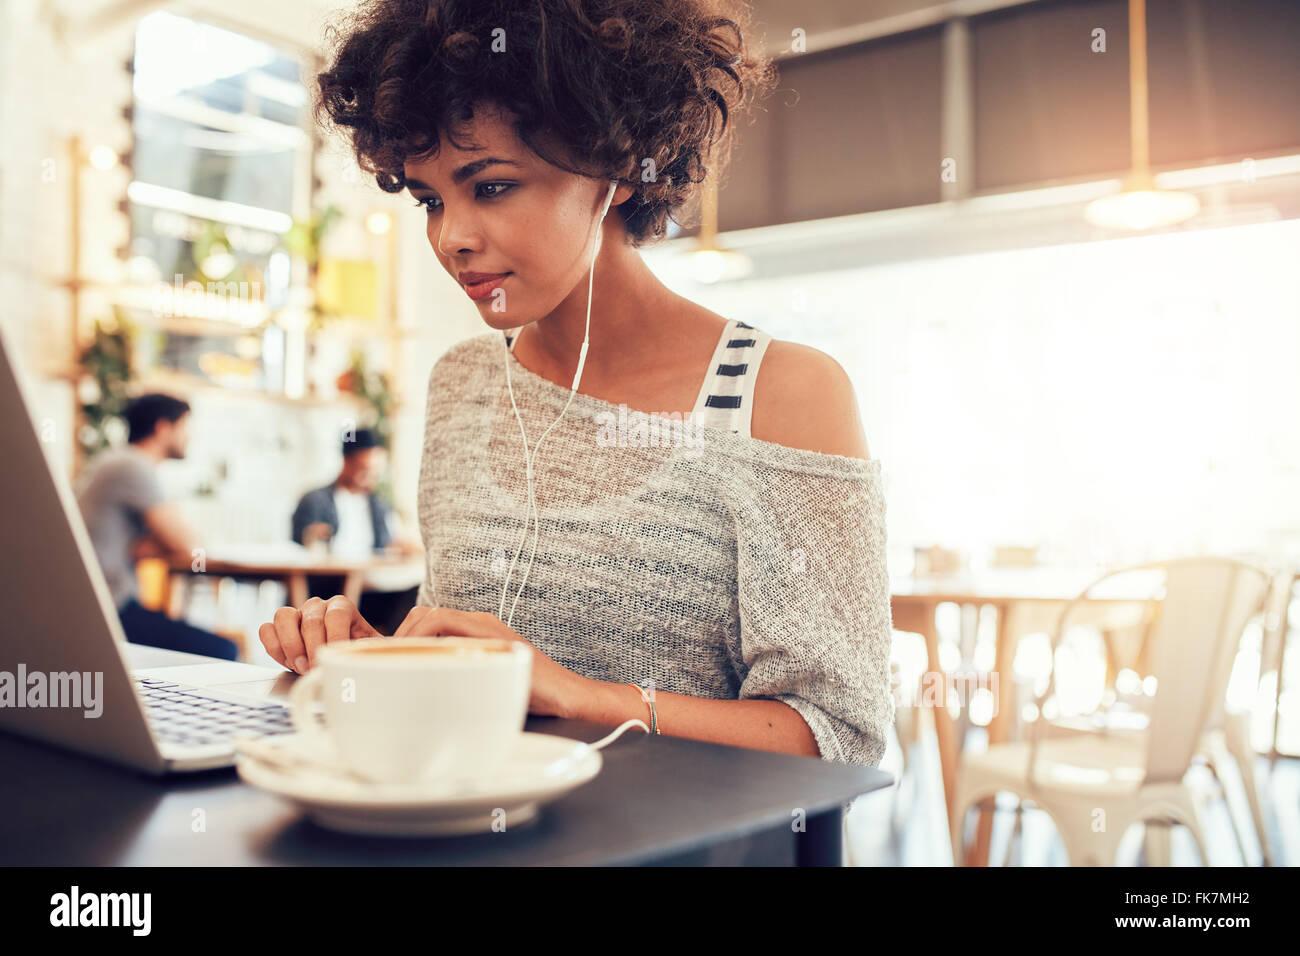 Porträt von einer attraktiven jungen Frau mit Kopfhörern mit Laptop in einem Café. Afrikanische amerikanische Stockbild